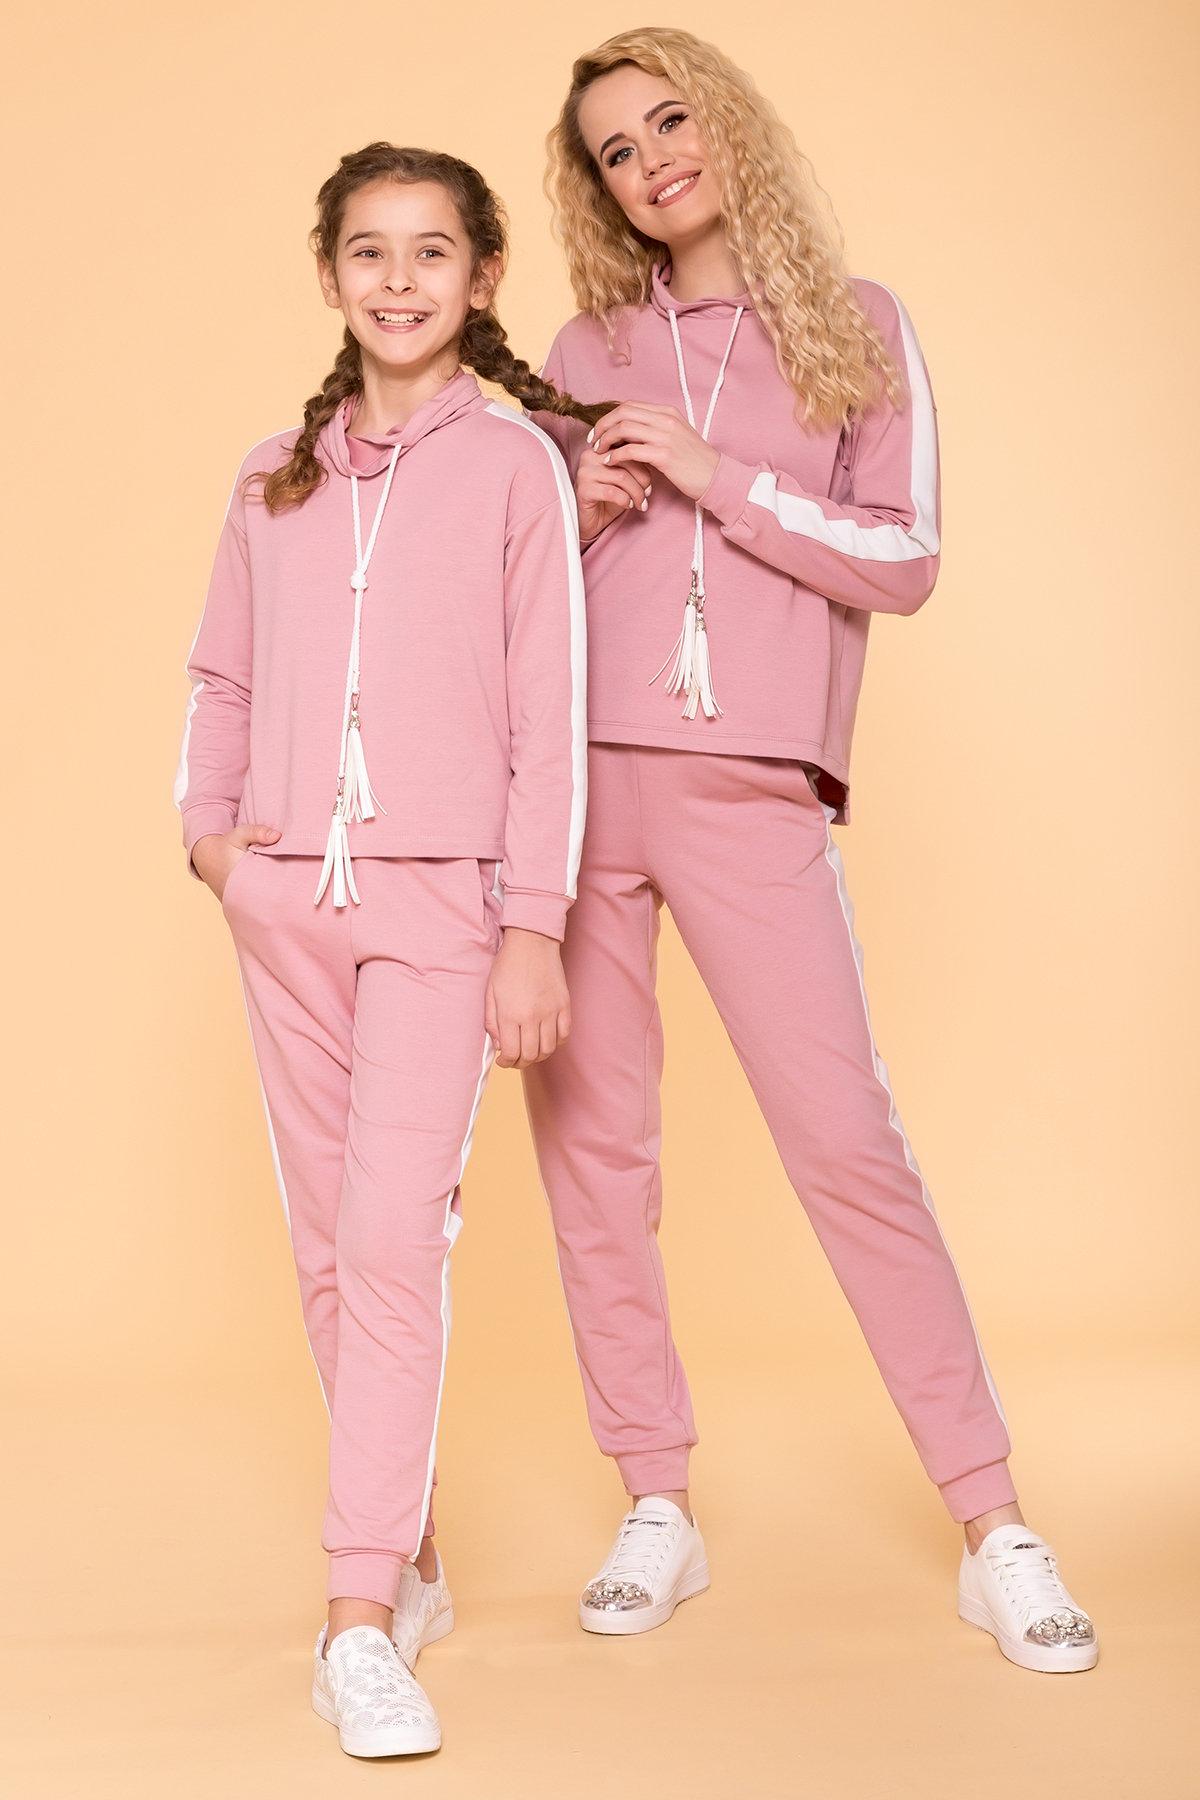 Купить детскую одежду Костюм Дует кидс 6709